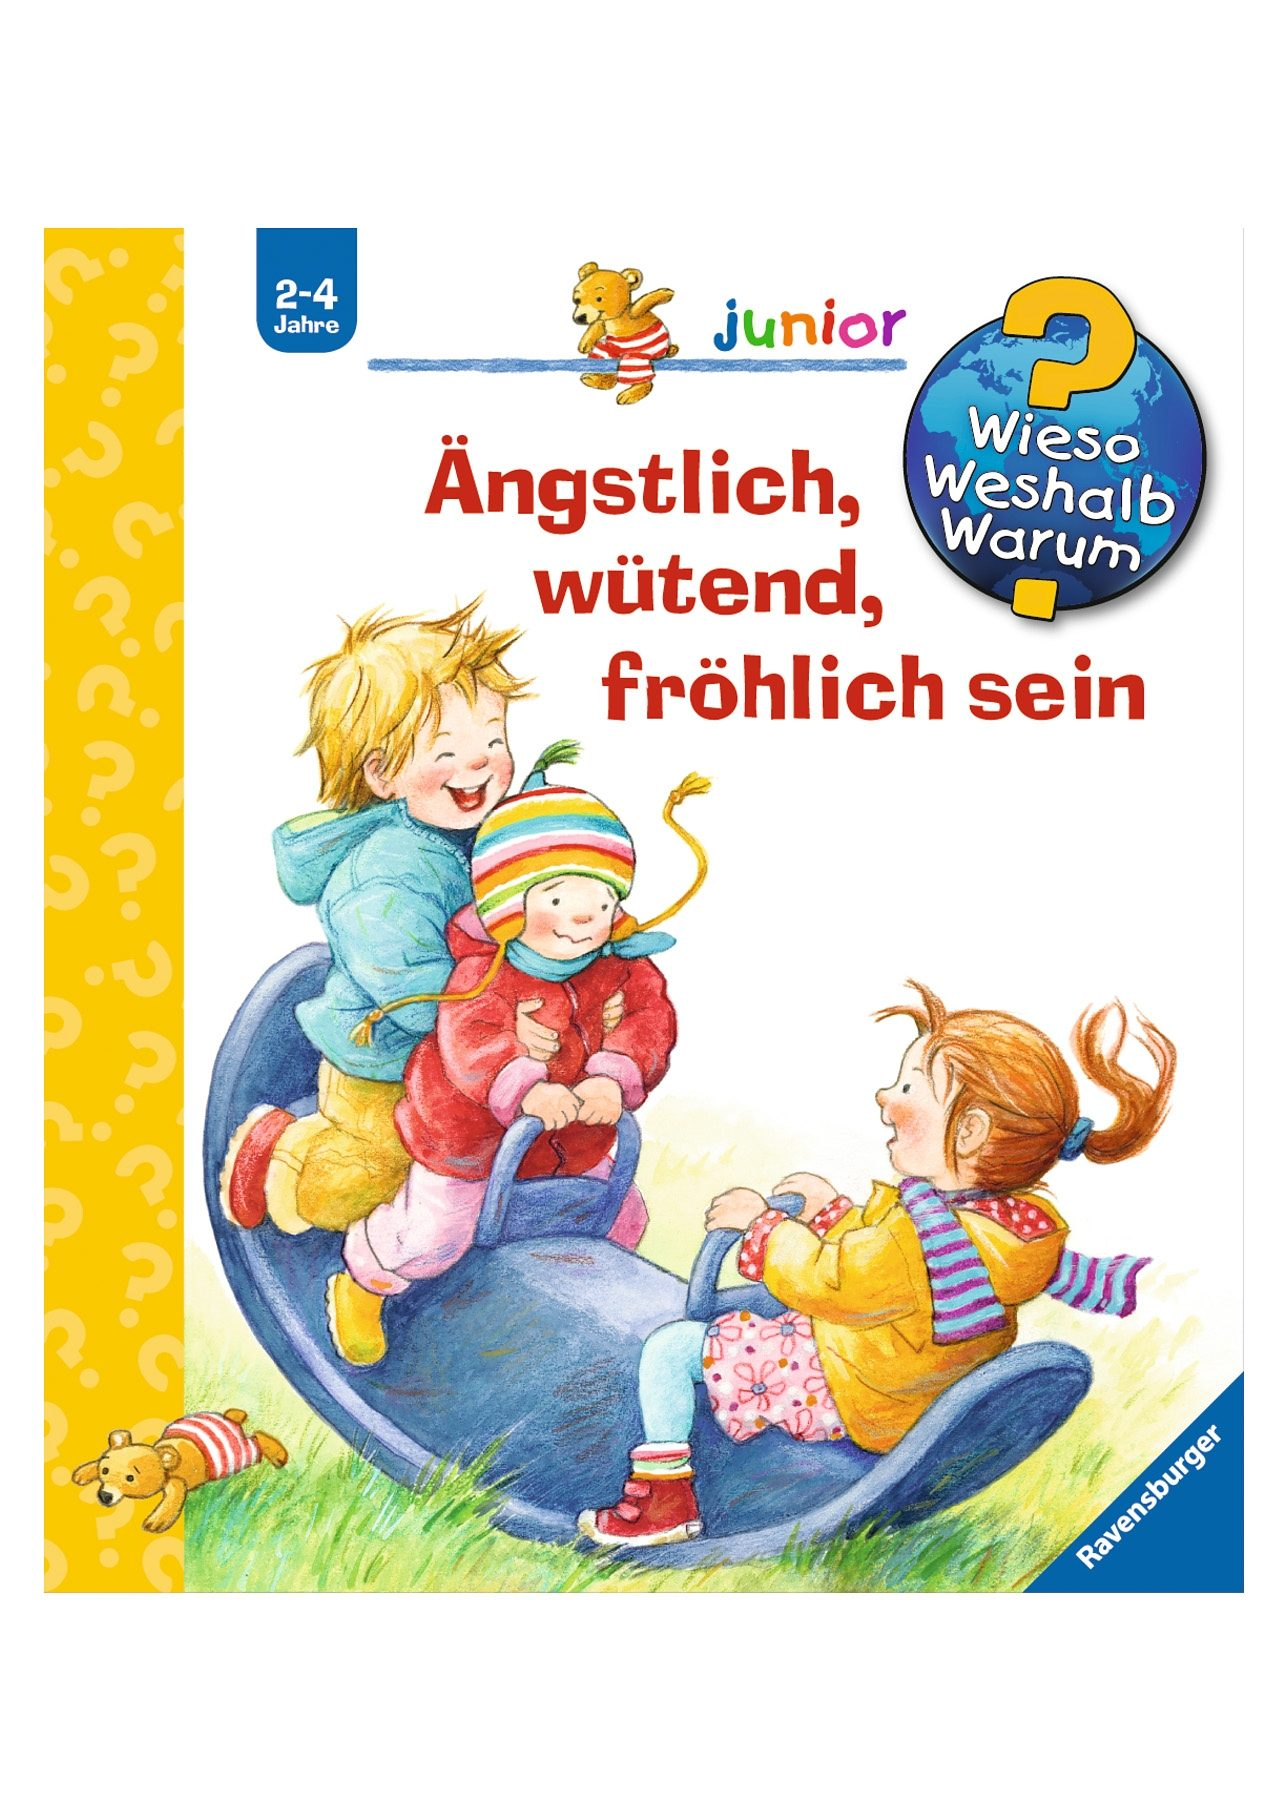 Ravensburger Kinderbuch, »Ängstlich, wütend, fröhlich sein / Wieso? Weshalb? Warum? Junior«